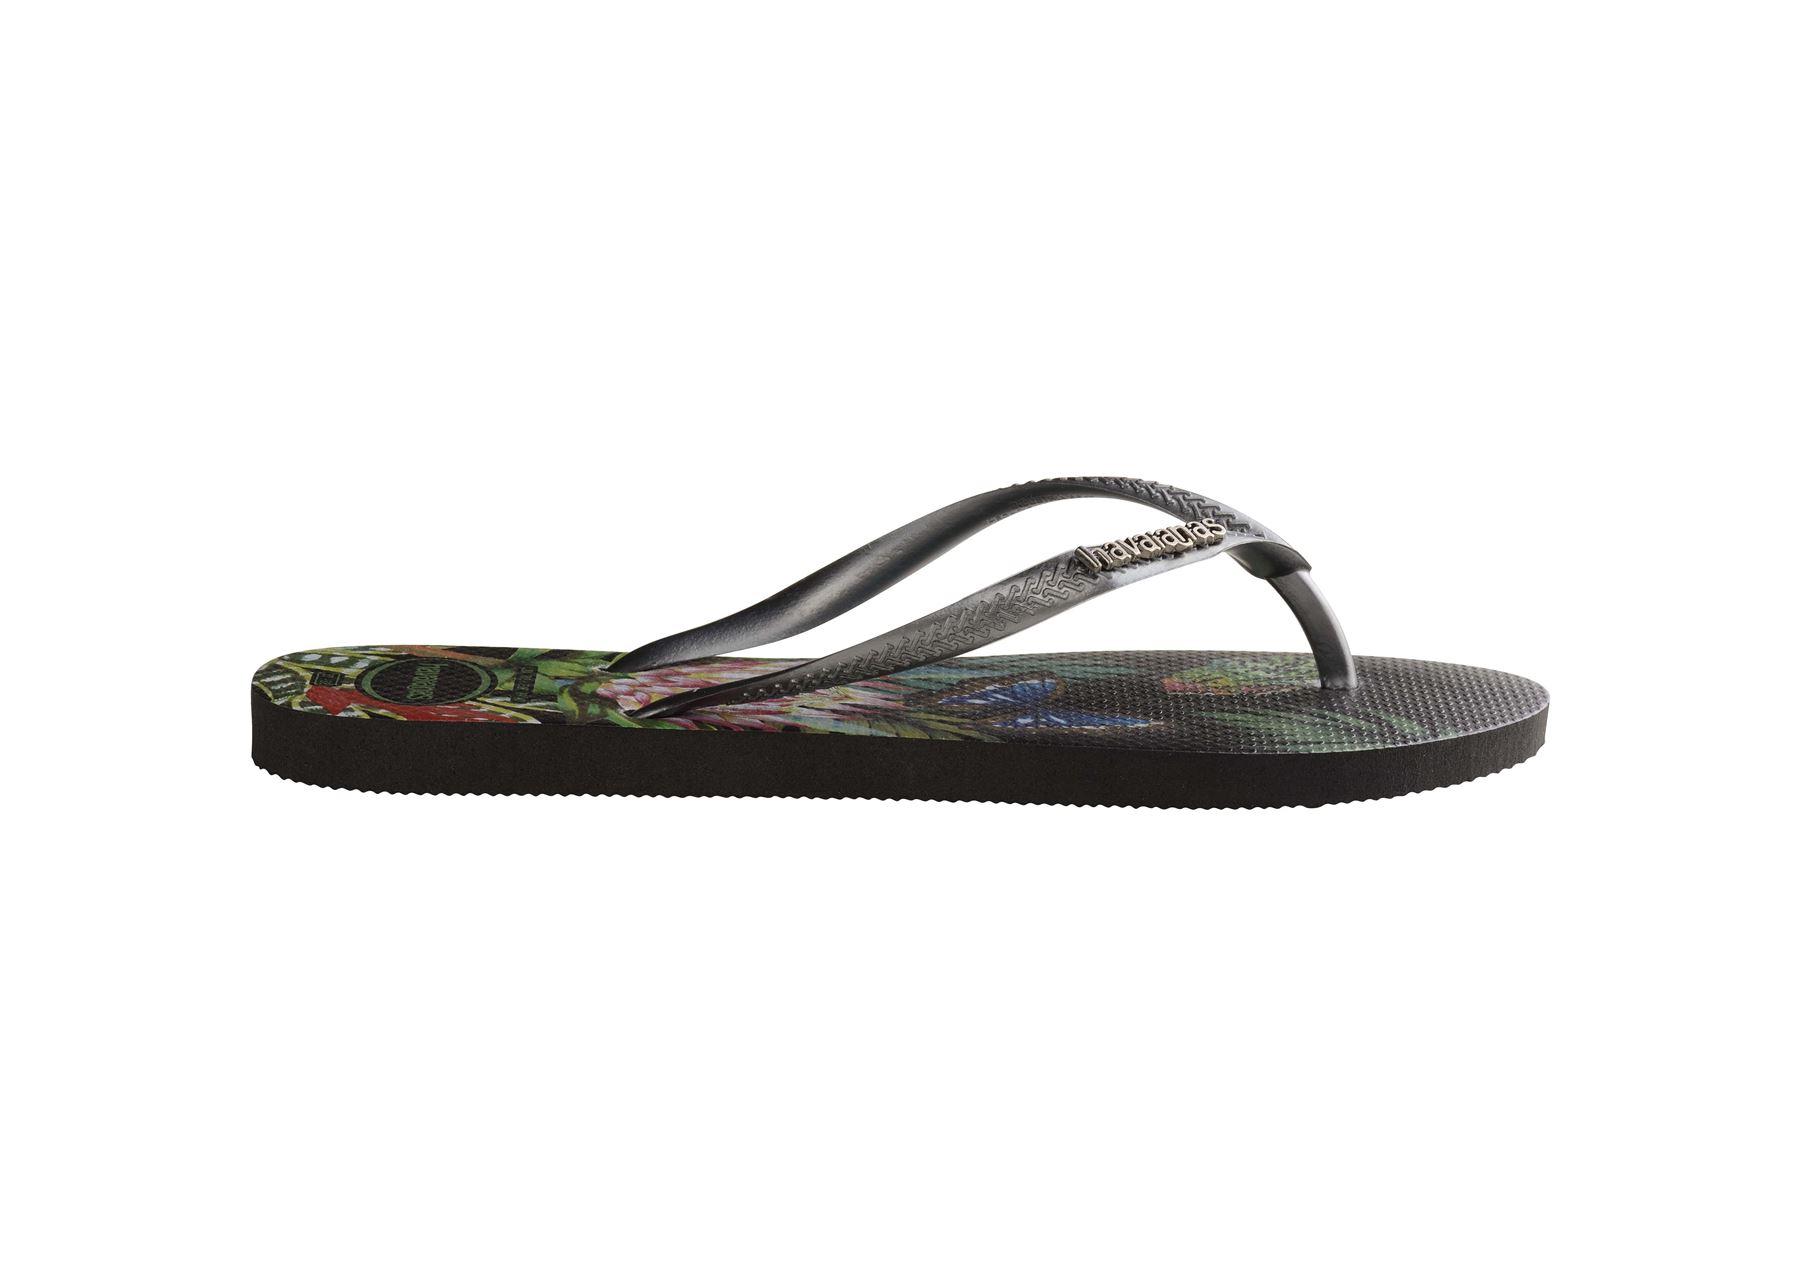 Havaianas-Slim-Tropical-amp-Imprime-Floral-Tongs-Ete-Plage-Piscine-Sandales miniature 3